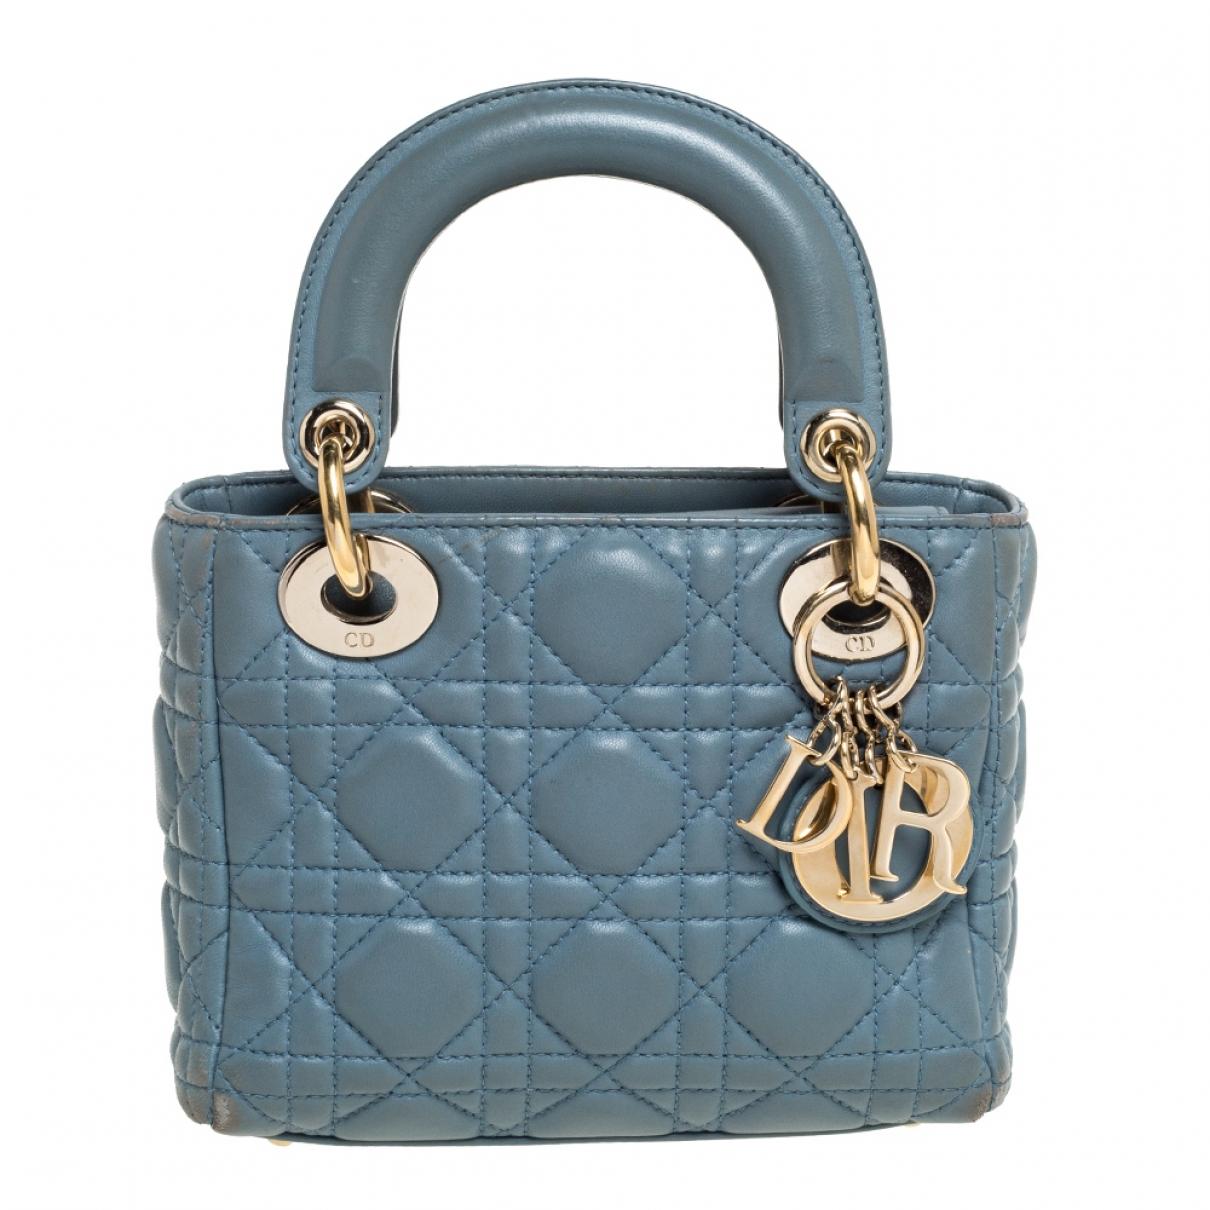 Dior - Sac a main Lady Dior pour femme en cuir - bleu